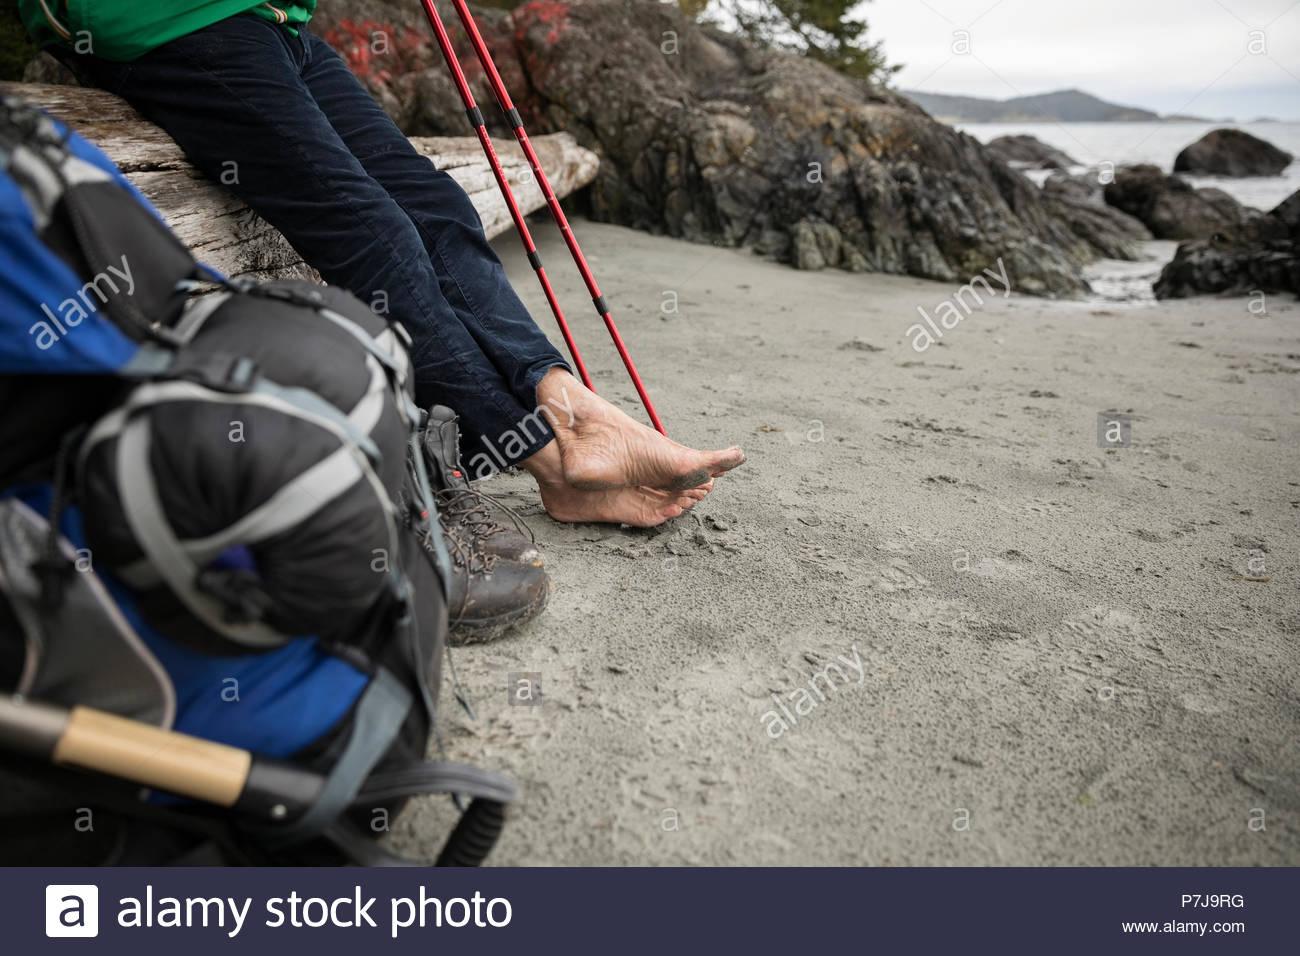 Mochilero hombre descalzo, descansando en la playa resistente Foto de stock